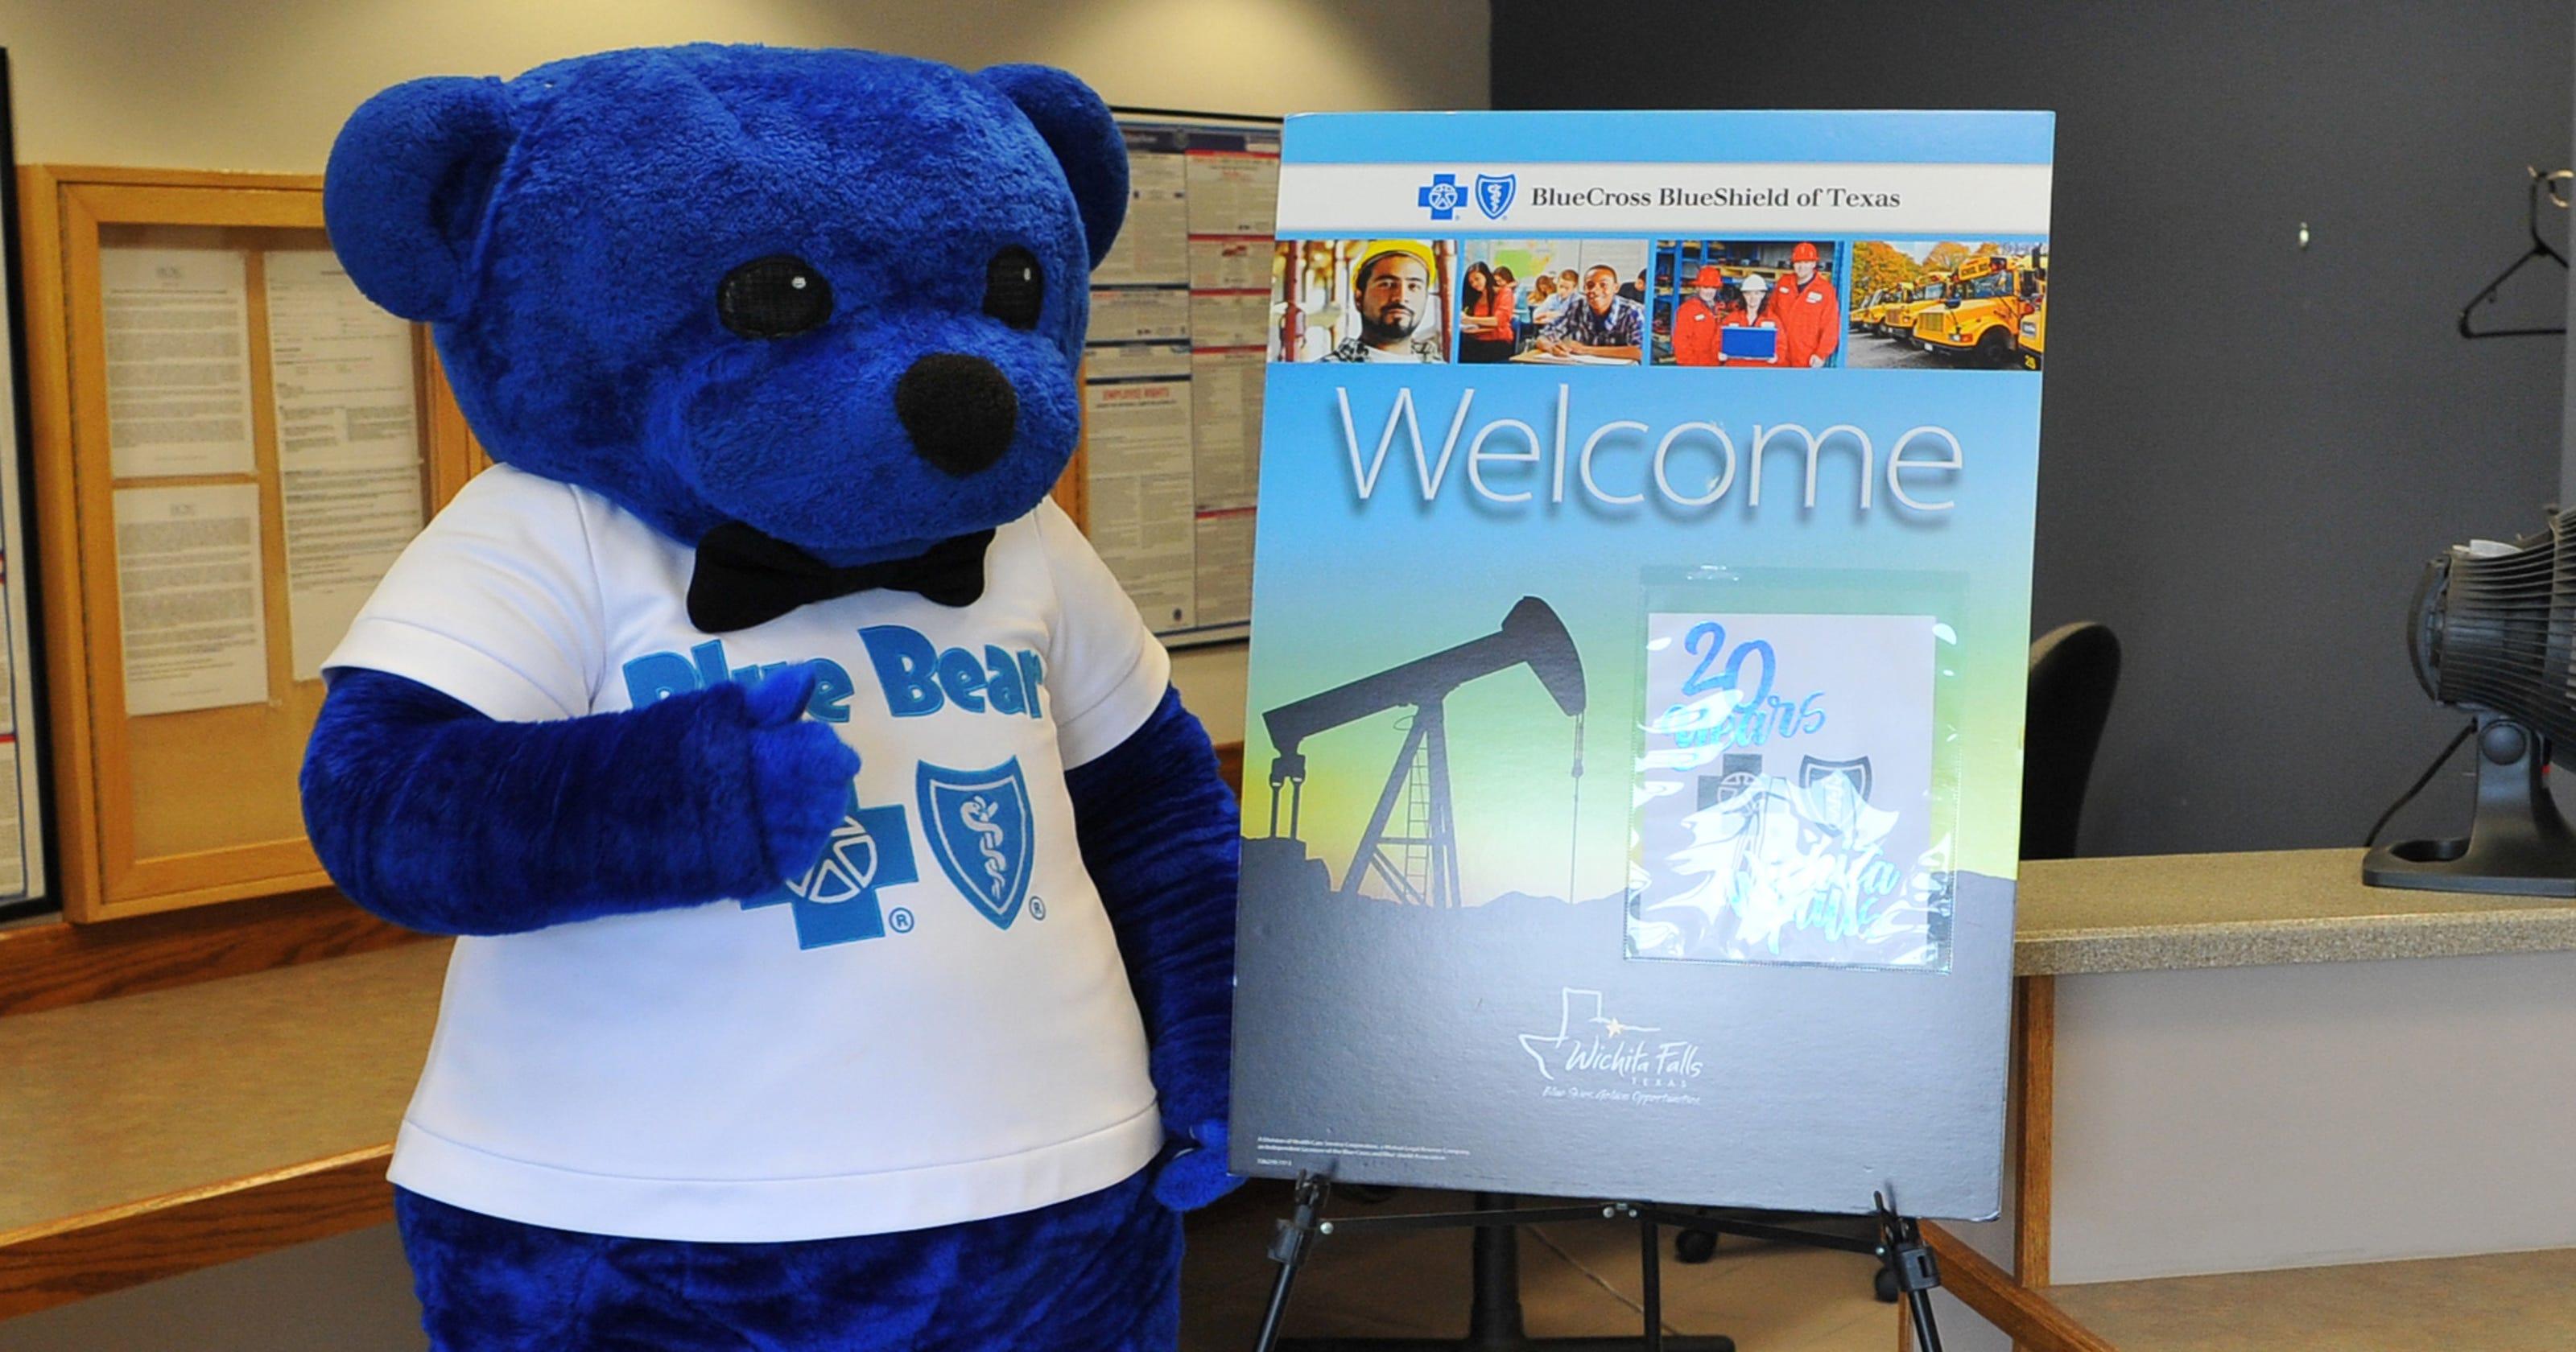 City leaders, employees celebrate Blue Cross Blue Shield of